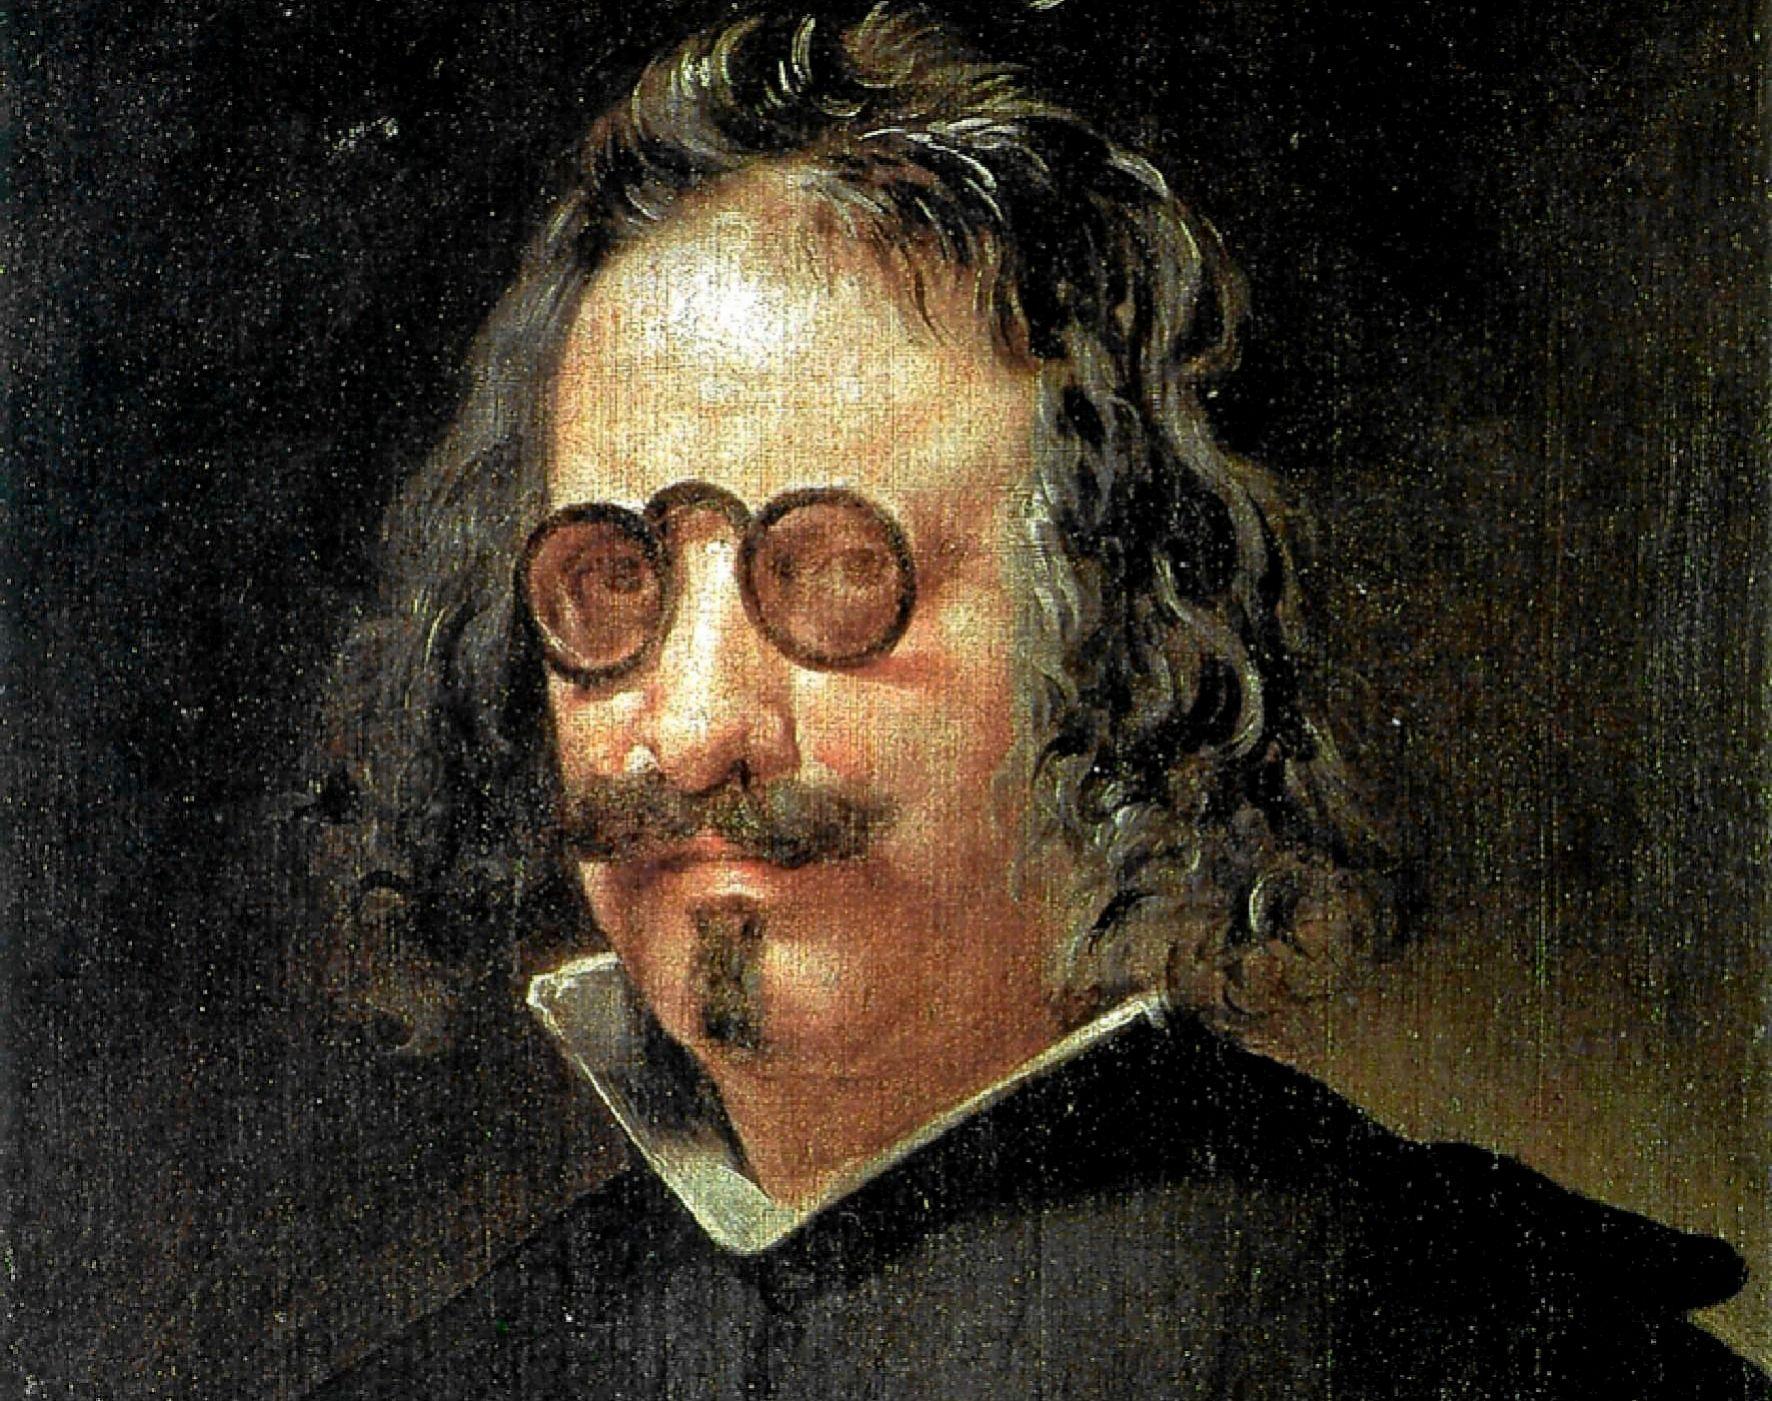 Se publica la obra de la poeta Fina García Marruz sobre la figura de Quevedo